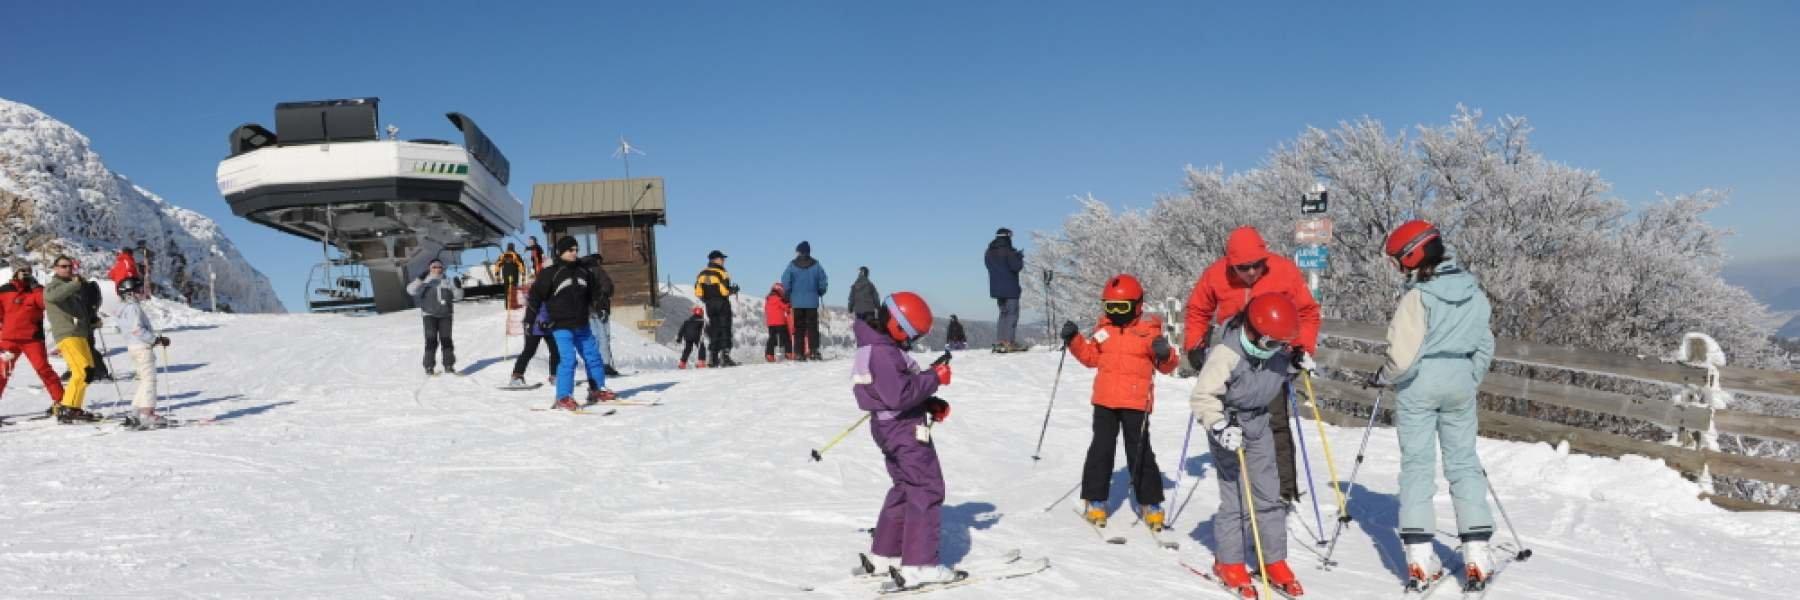 Belle journée de glisse en perspective sur le domaine skiable du Col de Rousset - © Conseil Départemental de la Drome